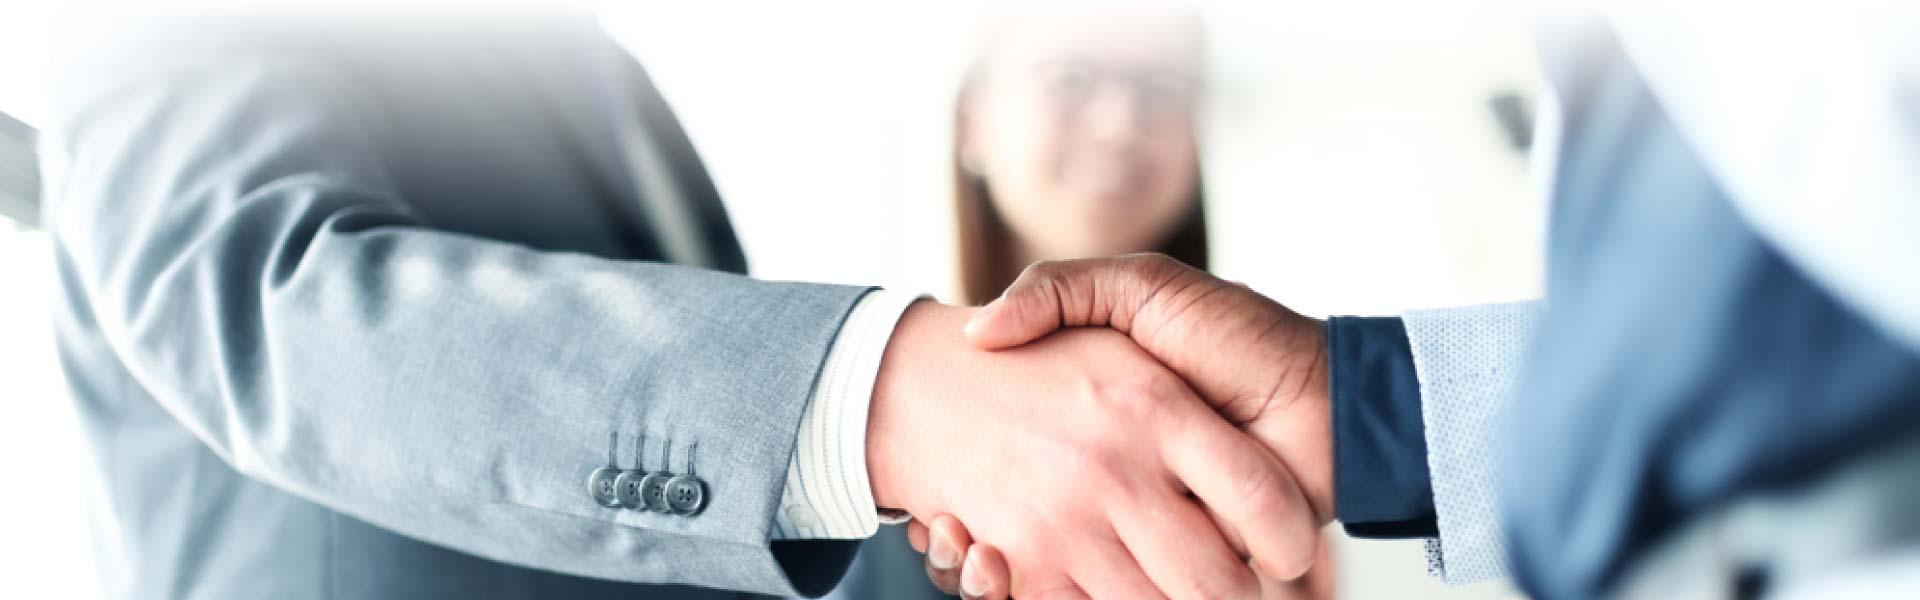 las mejores asesorías de empresas en madrid